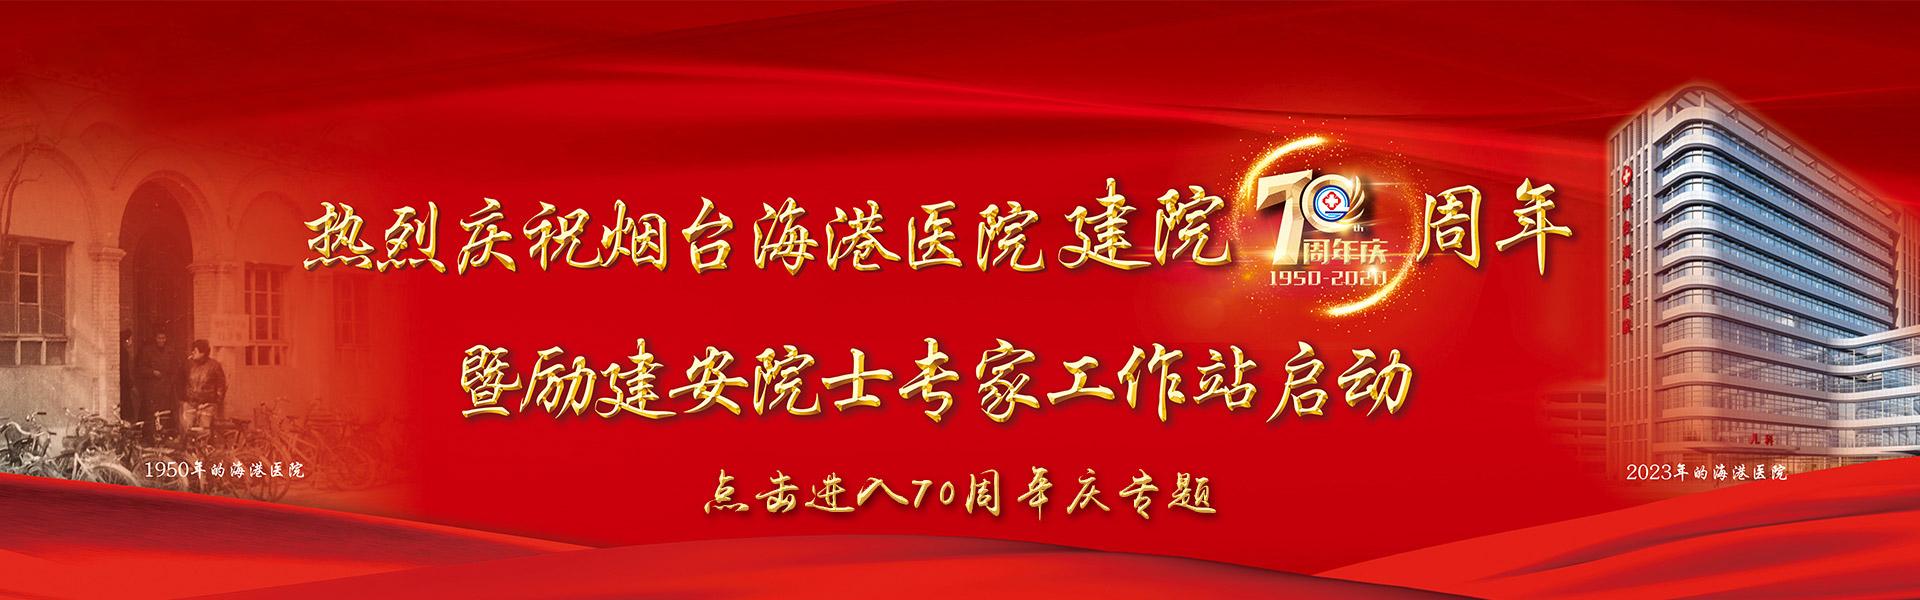 70周年庆